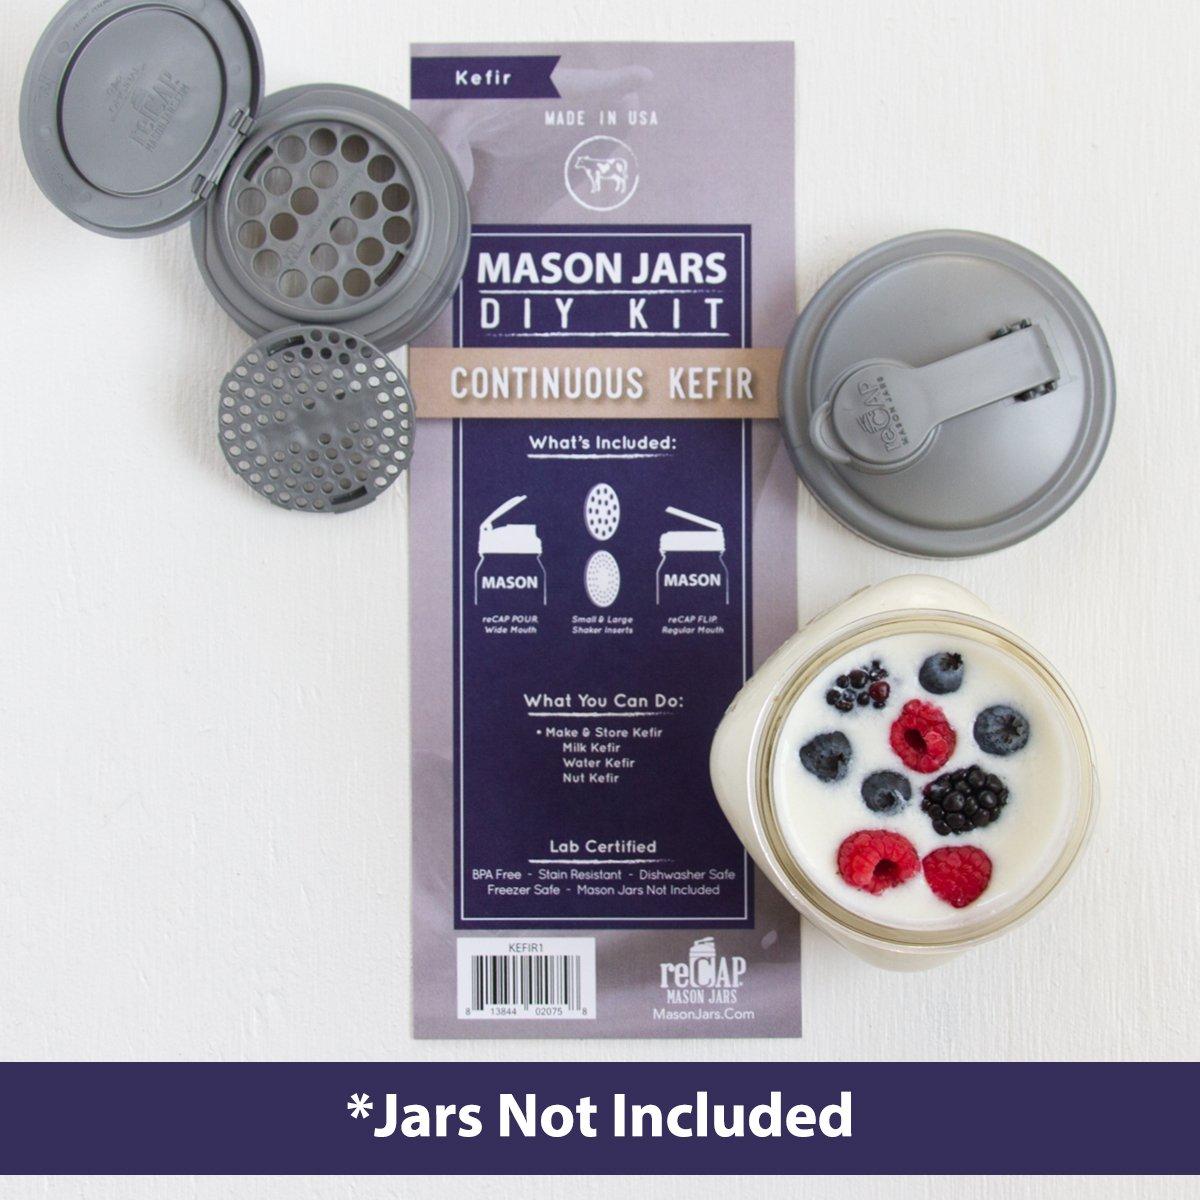 reCAP Mason Jars DIY Kit - Continuous Kefir: Jars Not Included